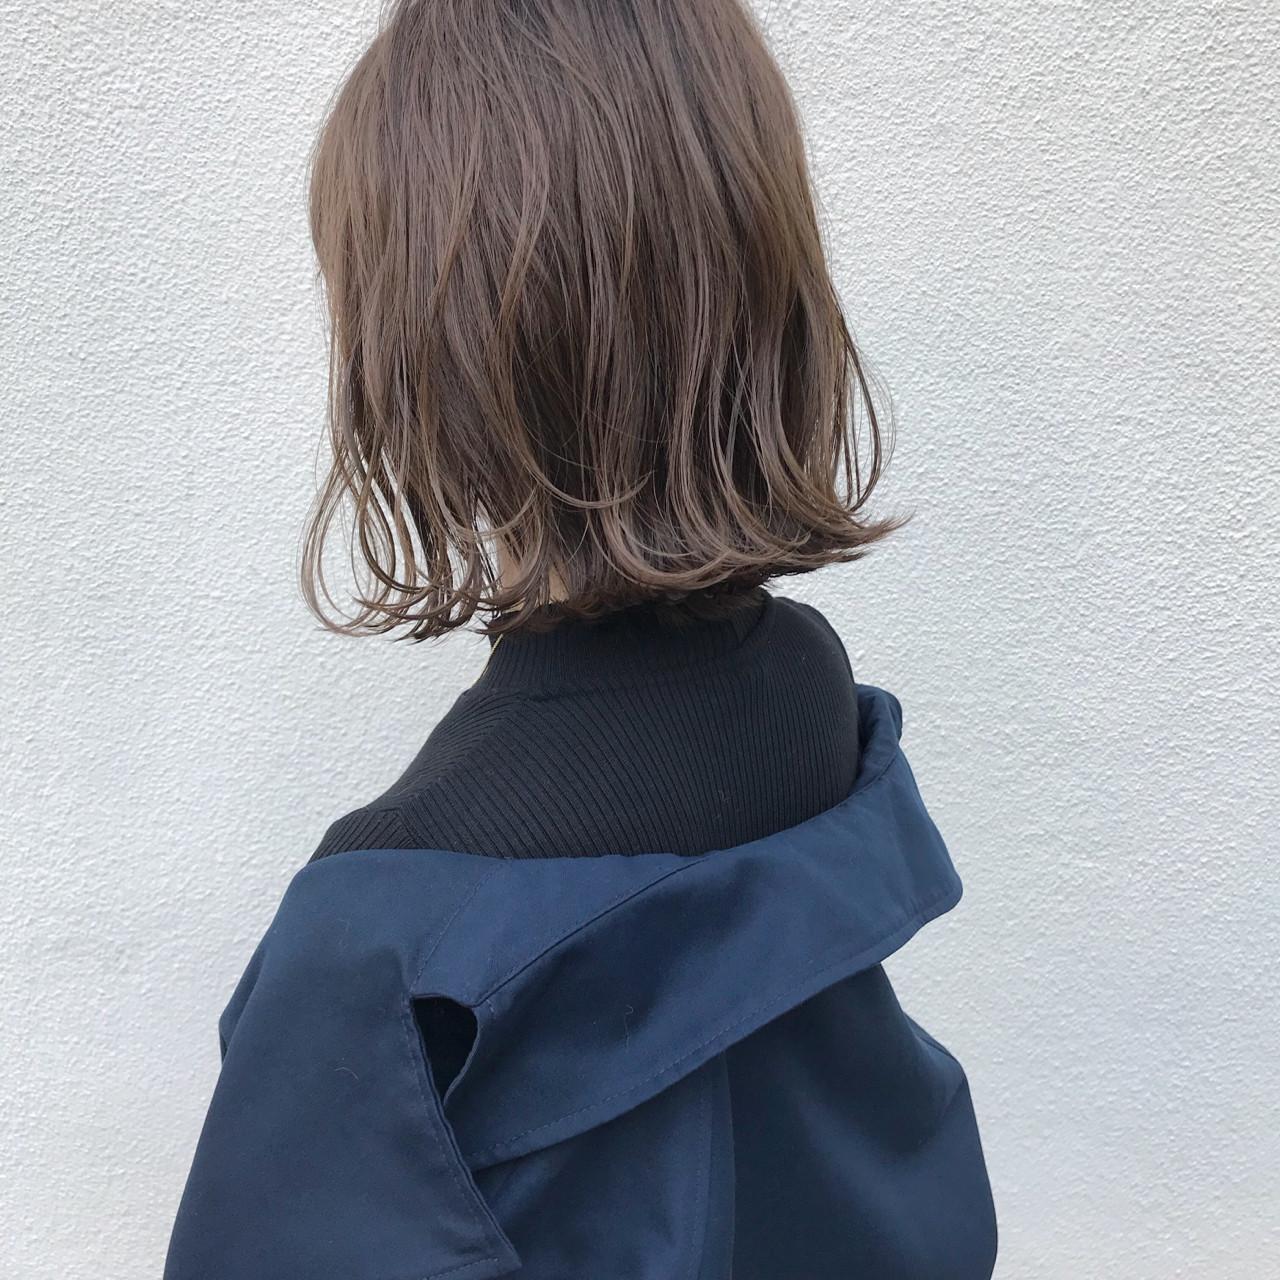 ヘアアイロンでの巻き方間違ってない?適正温度できれいな巻き髪に。の13枚目の画像